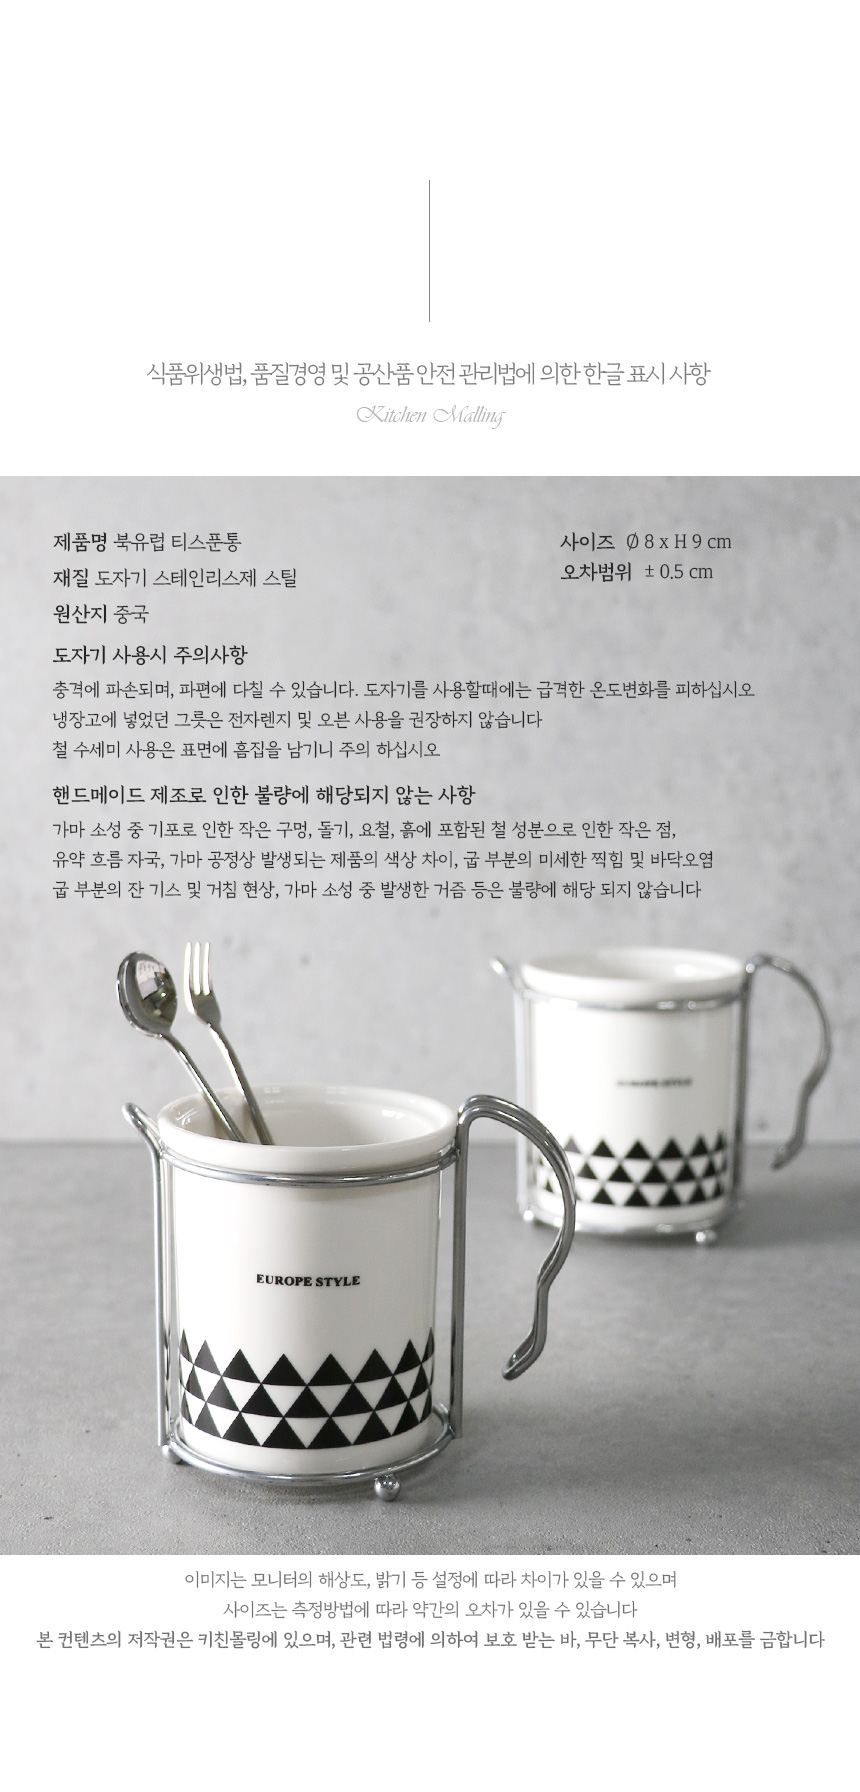 북유럽풍 도자기 티 스푼통 - 키친몰링, 4,200원, 주방정리용품, 수저통